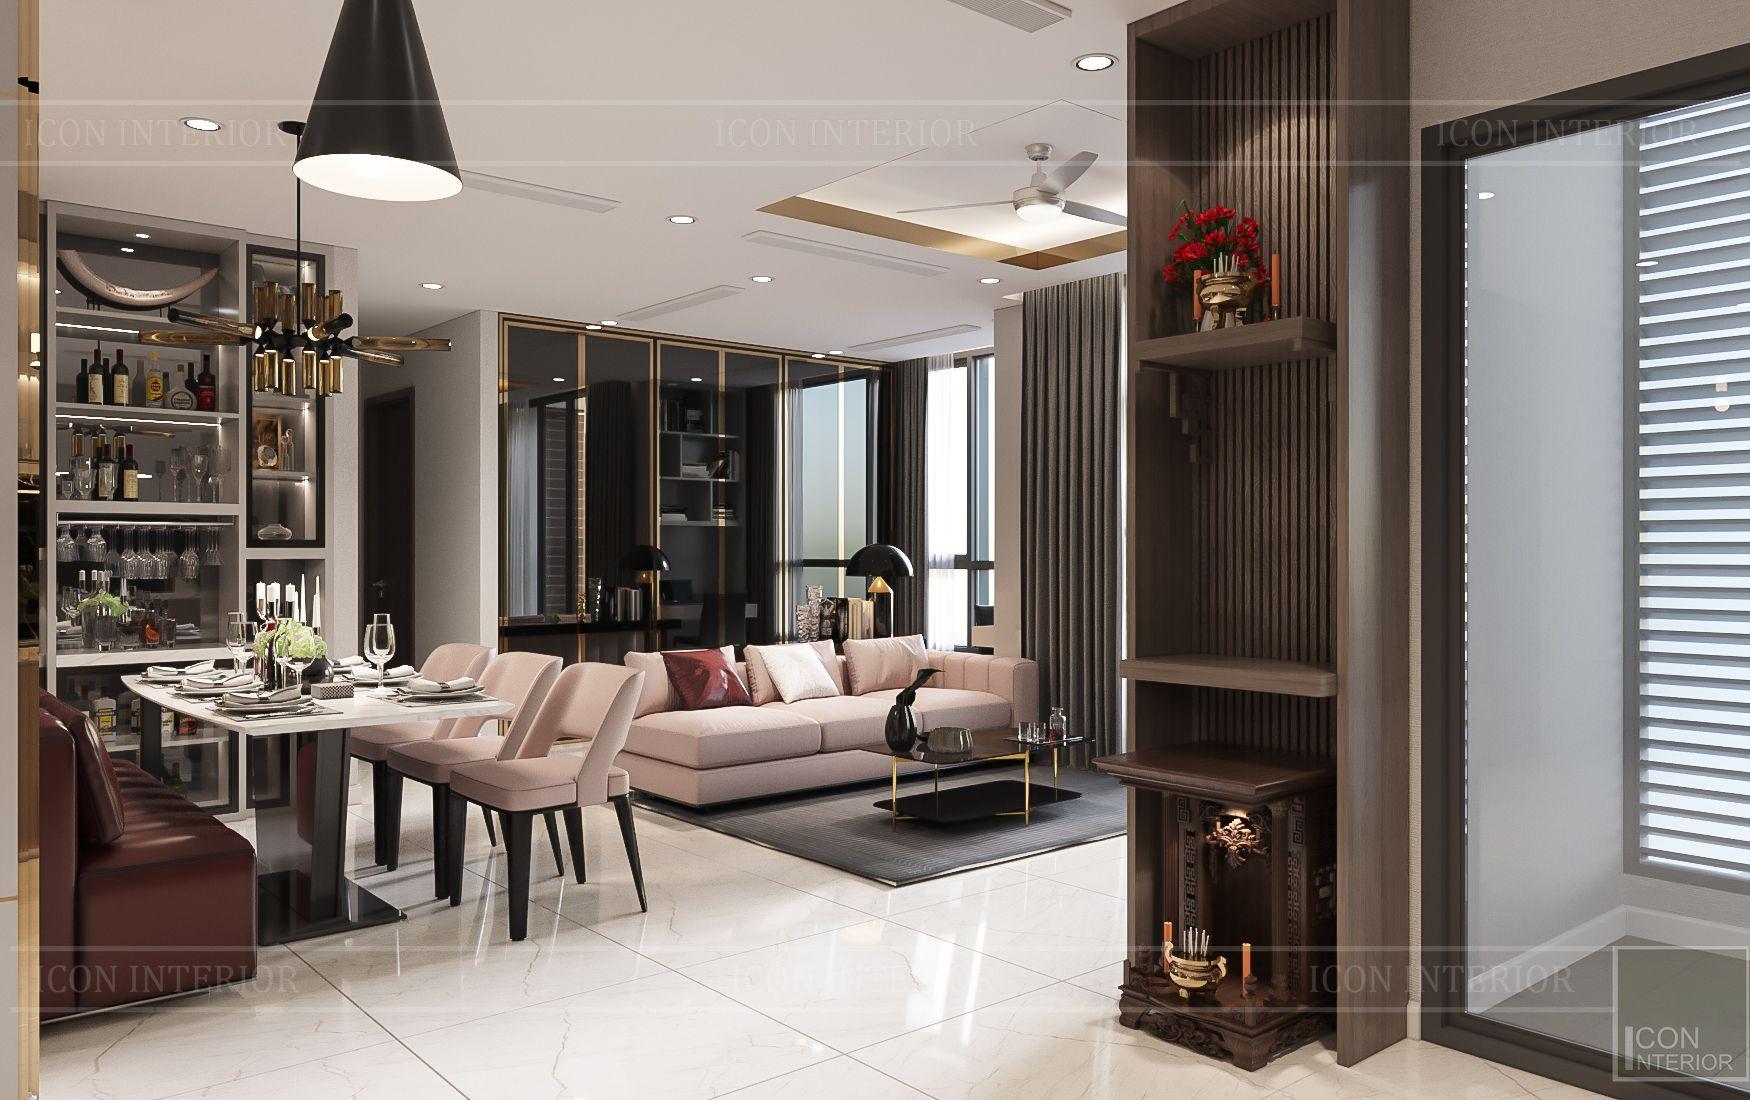 thiết kế nhà phong cách hiện đại - phòng khách bếp 4